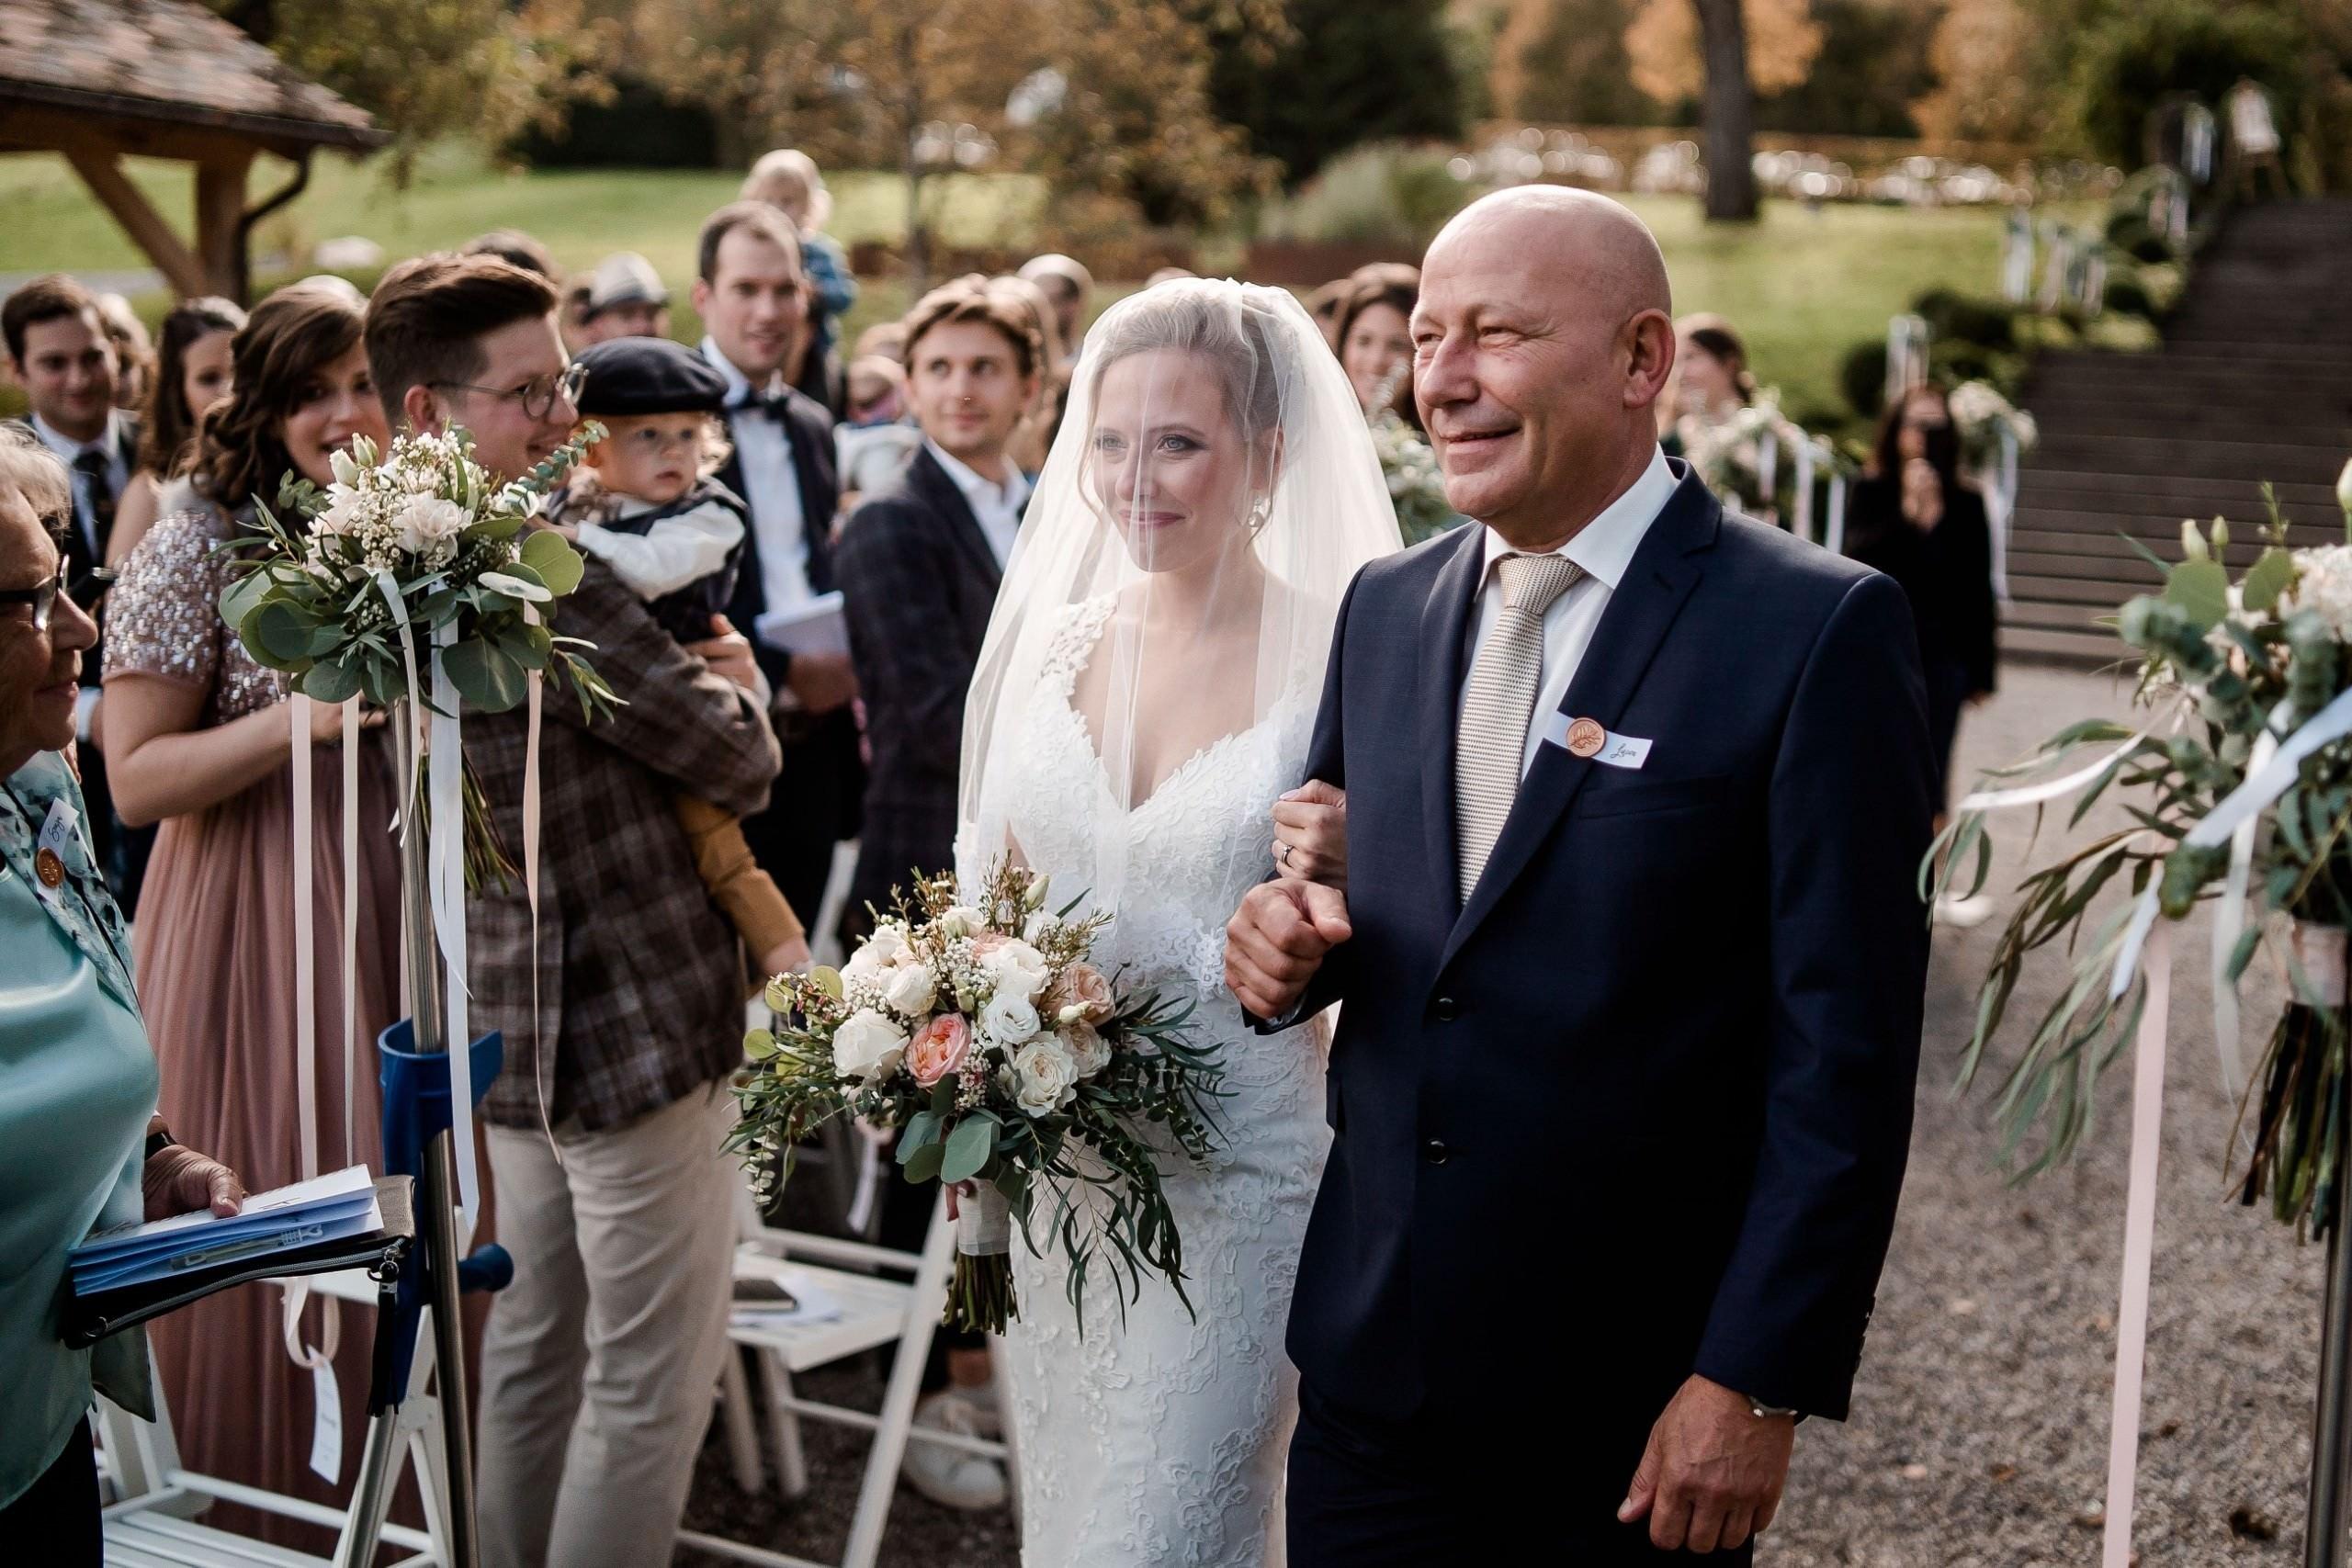 Aida + Tim | Hochzeitsfotografen am Bodensee fkn_1660_121019b